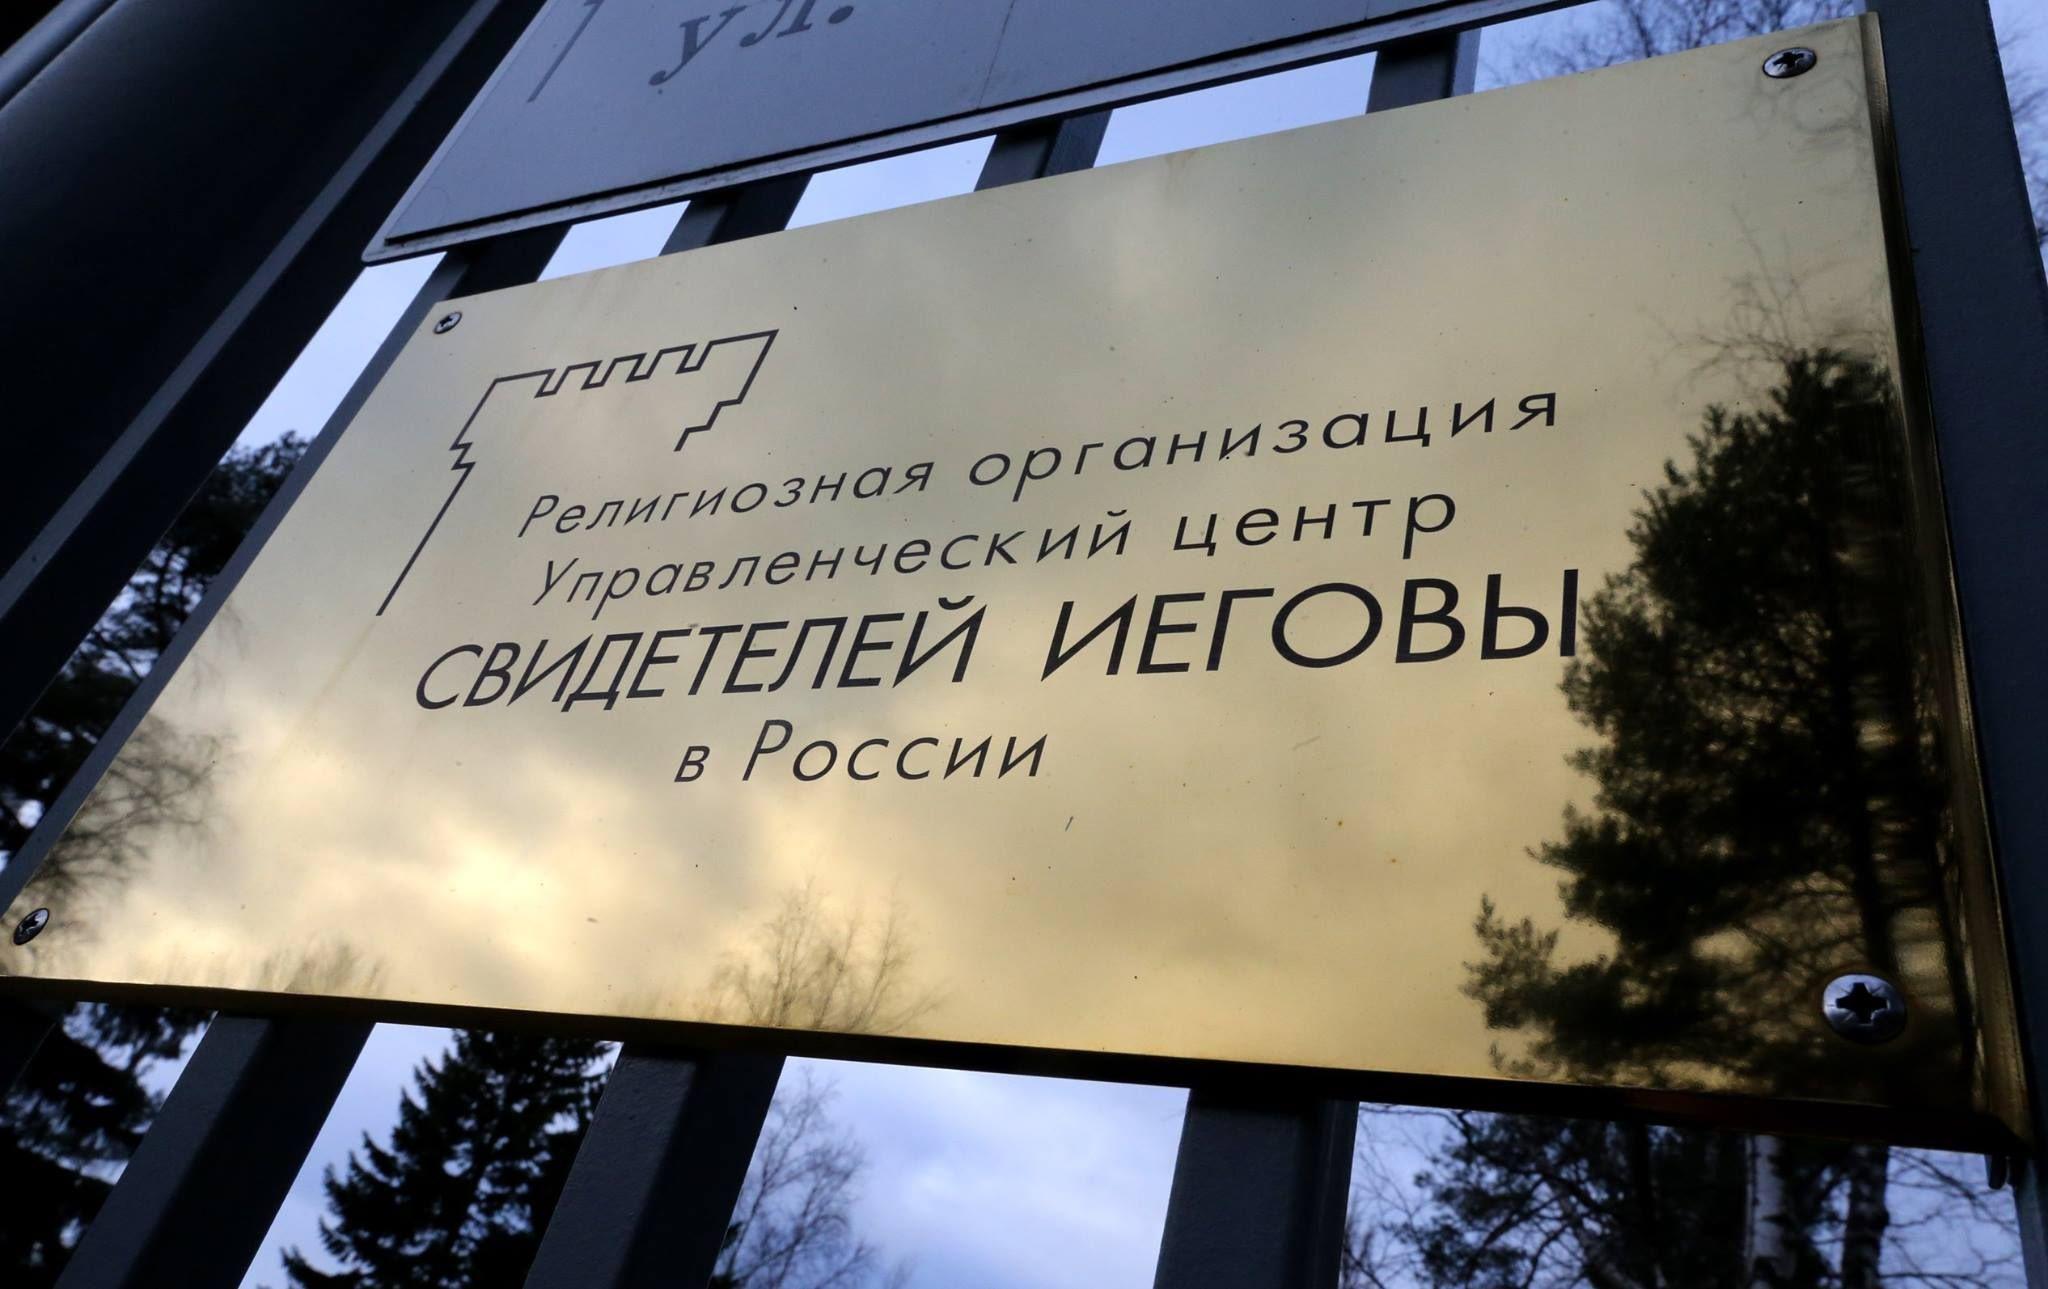 В Севастополе арестовали четырех последователей «Свидетелей Иеговы»